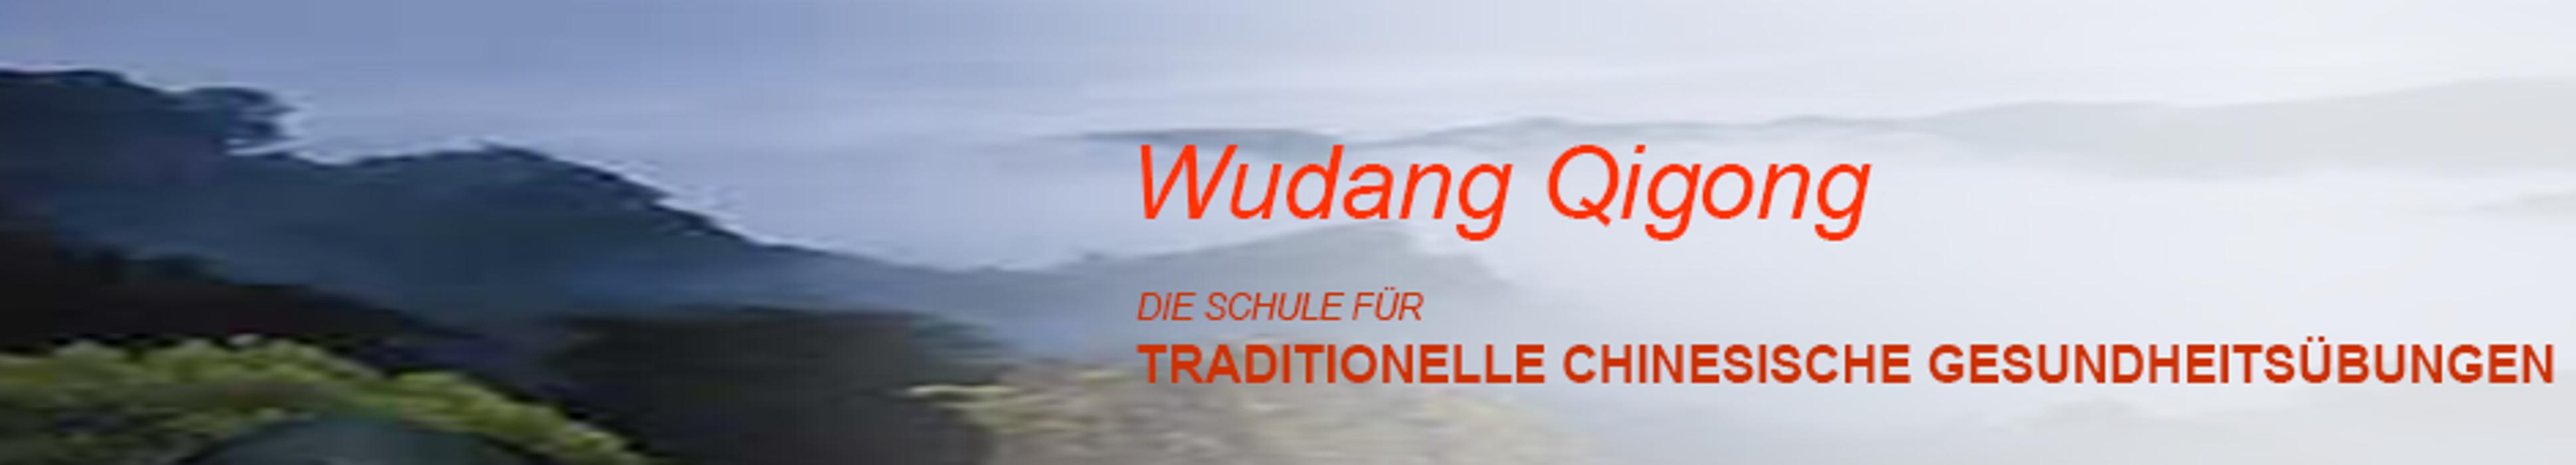 Bild zu Wudang Qigong M.Torke DIE SCHULE FÜR TRADITIONELLE CHINESISCHE GESUNDHEITSÜBUNGEN in Berlin